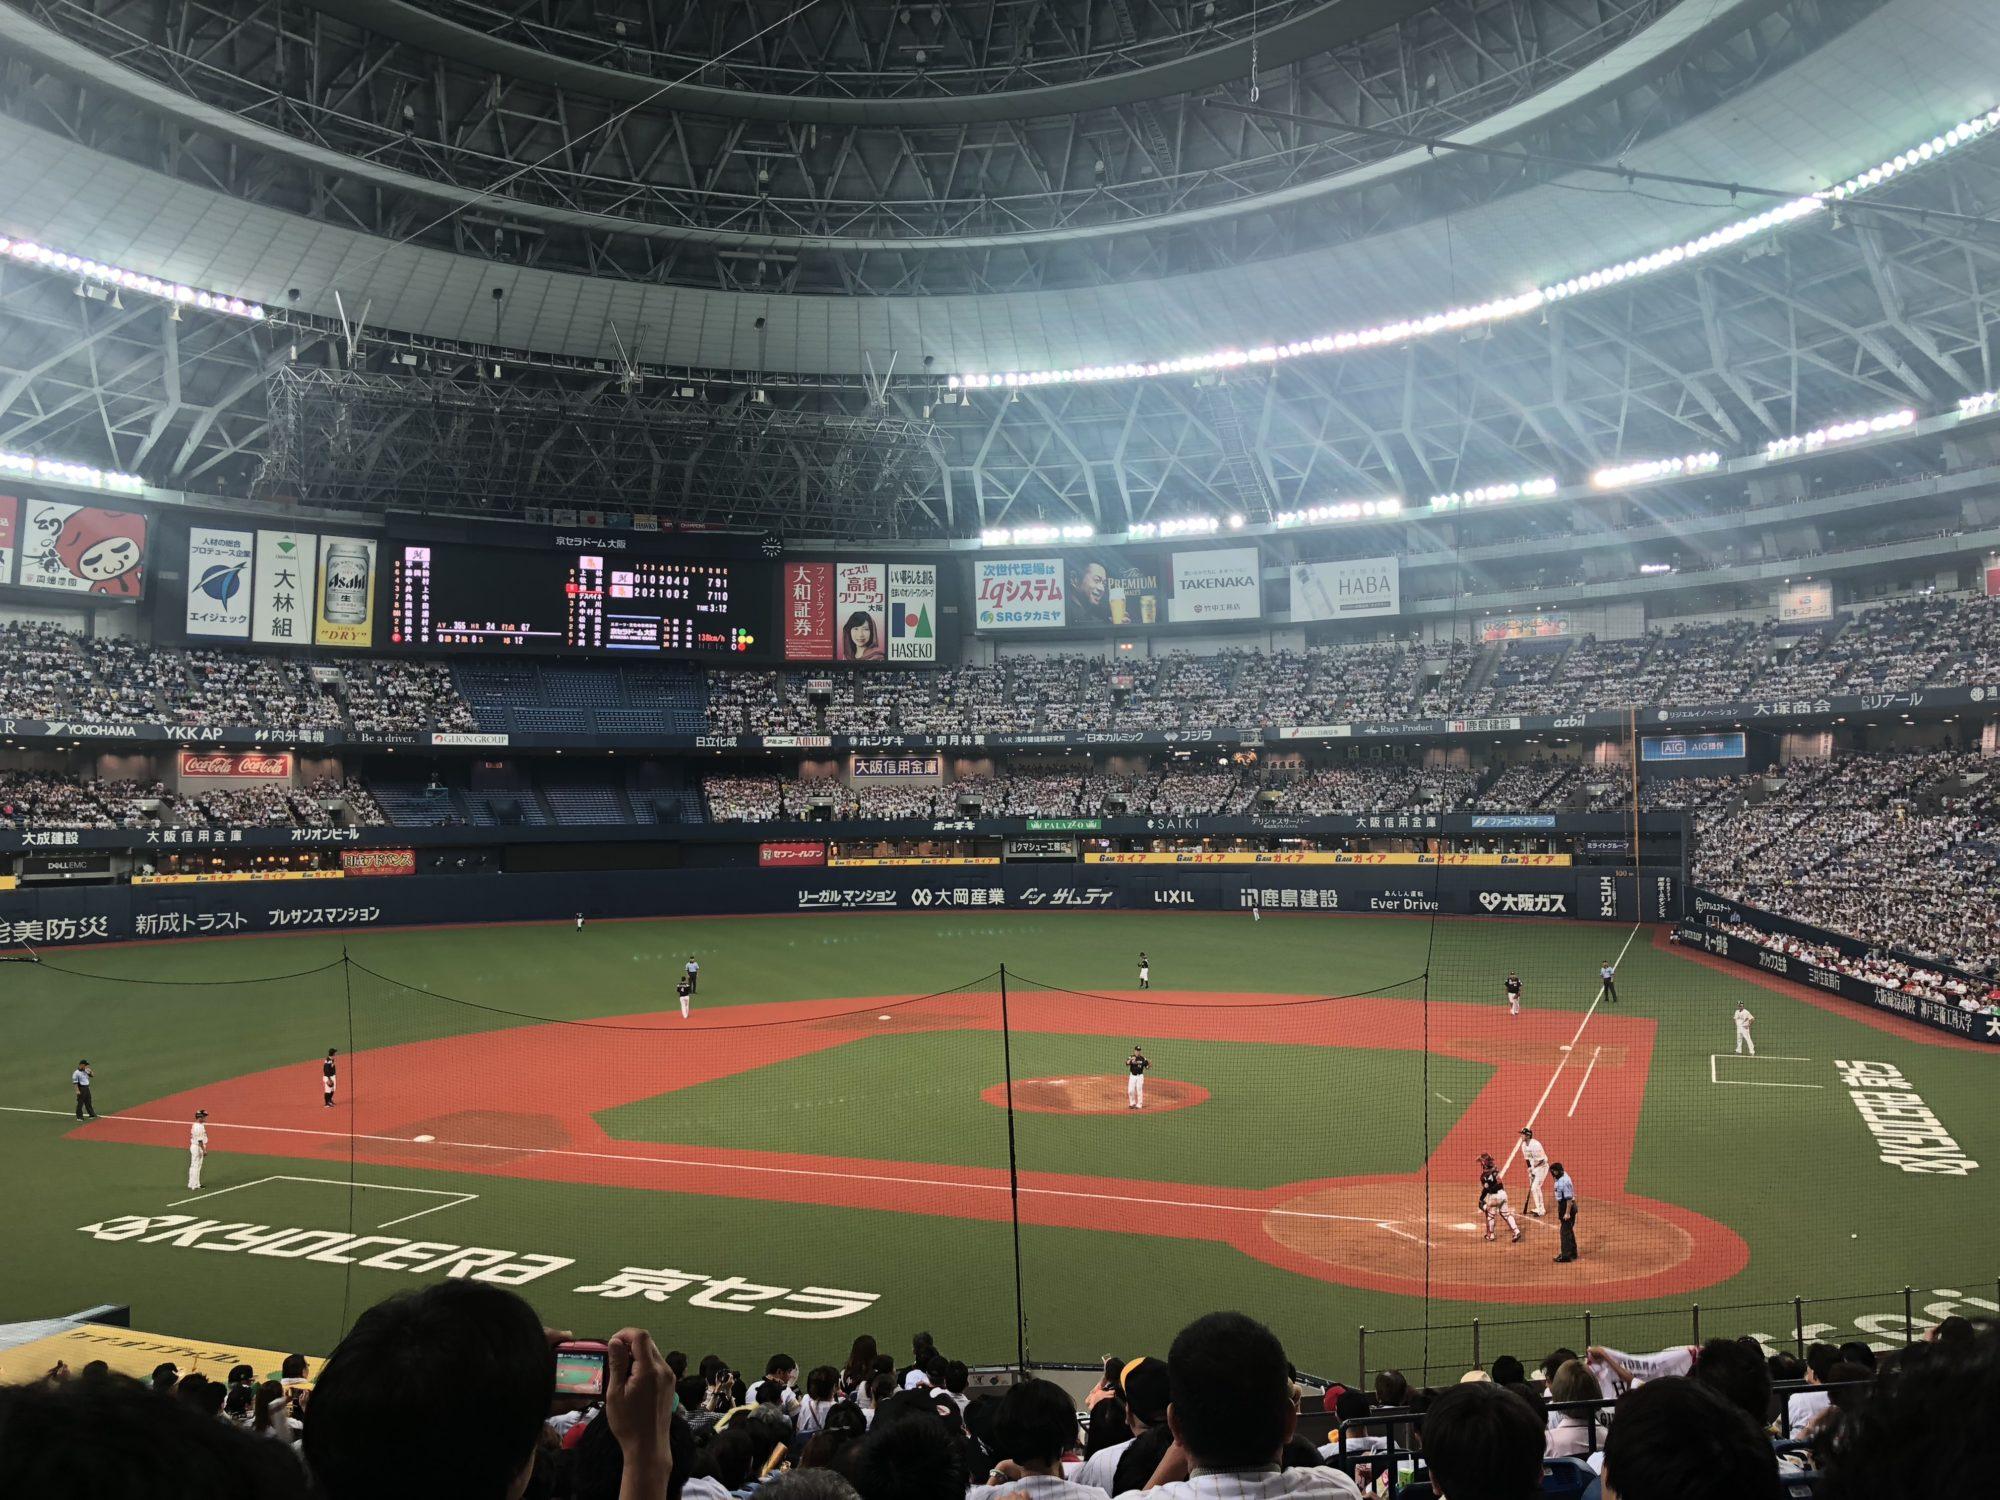 鷹の祭典in 京セラドーム!!で野球観戦!!